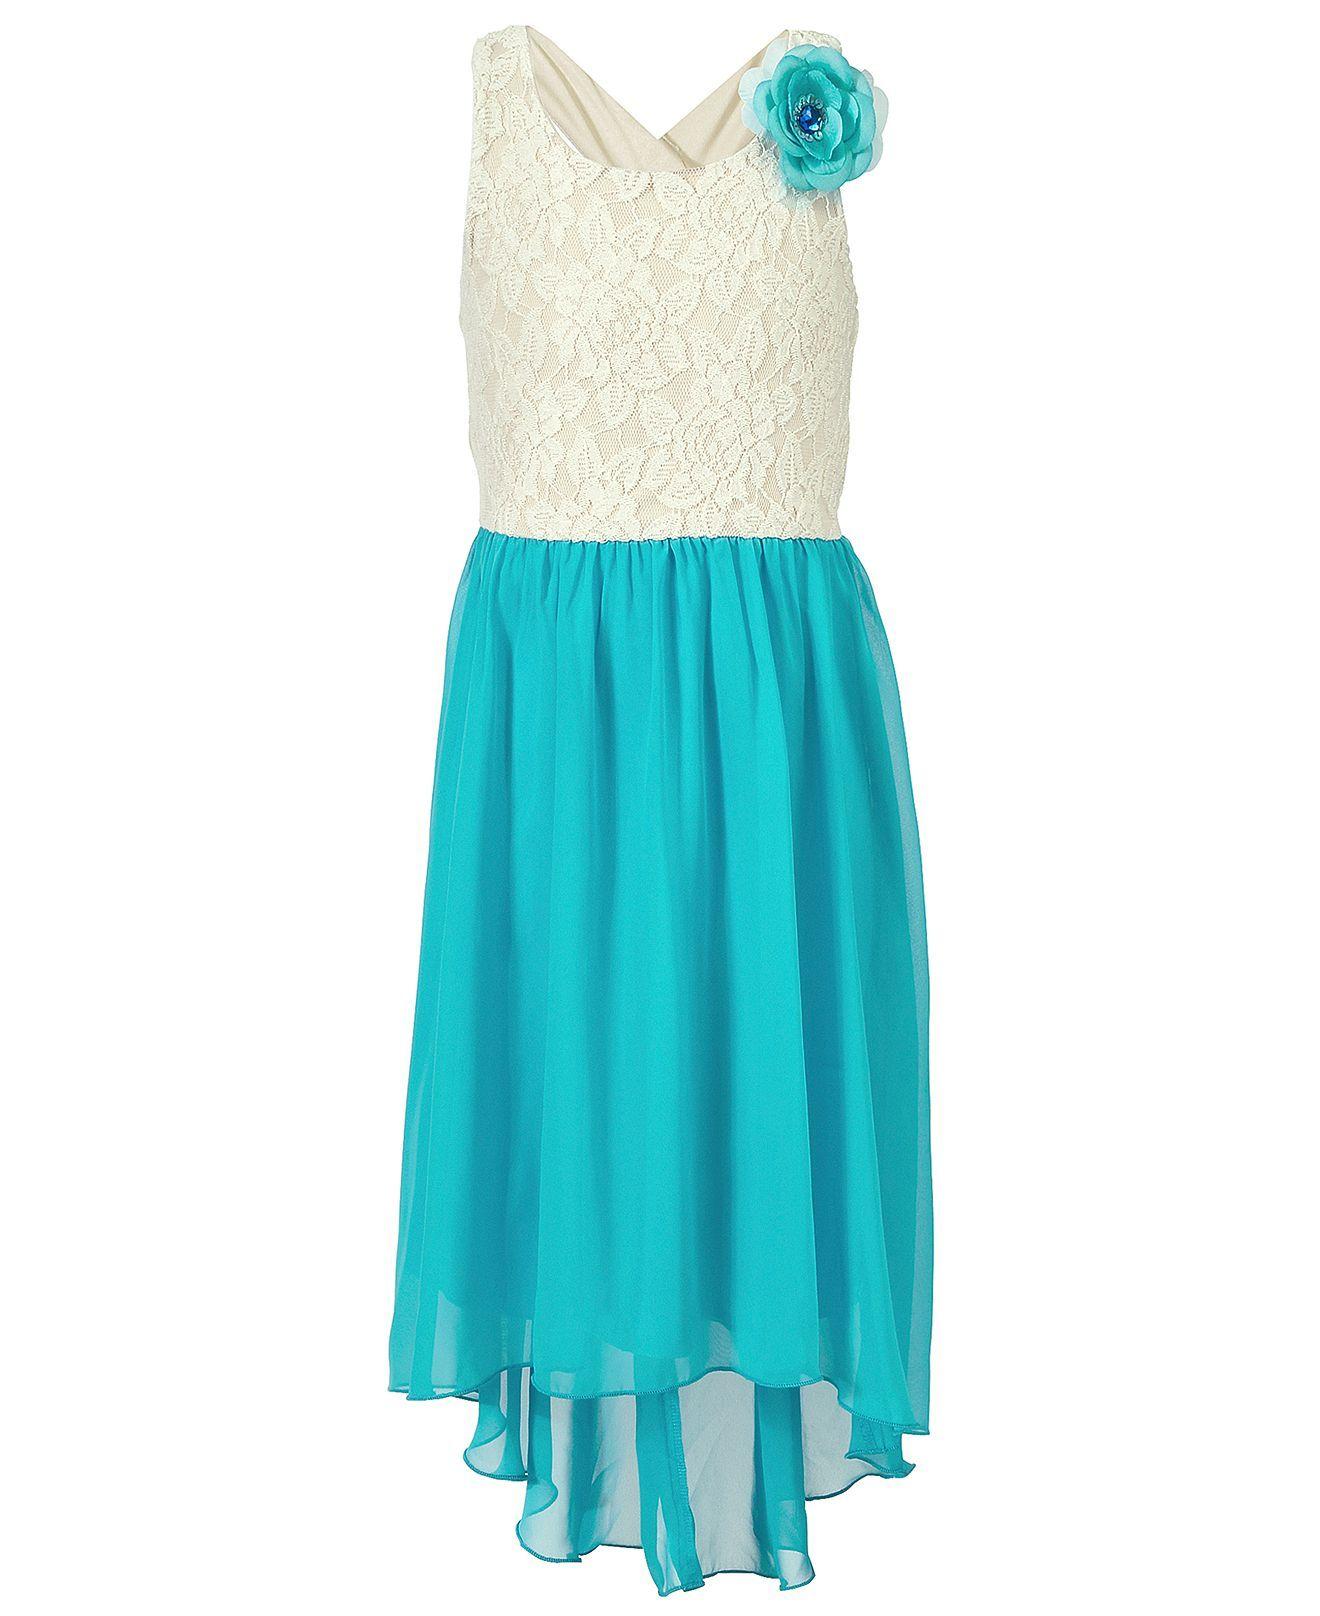 Speechless Girls Dress, Girls Lace-to-Chiffon High-Low Dress - Kids ...